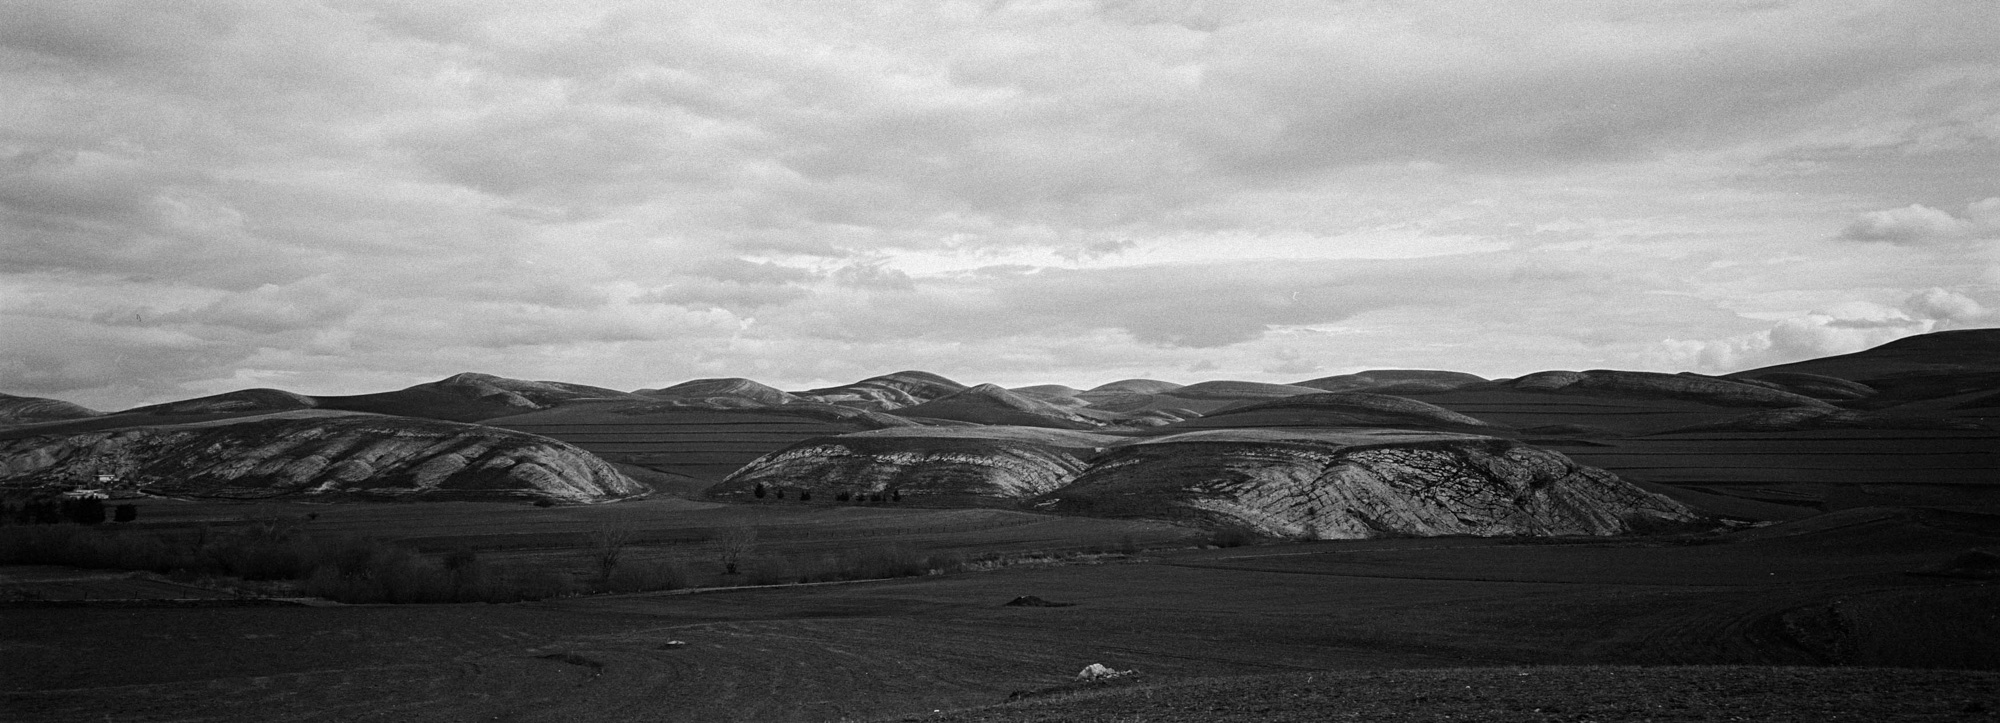 Paysage de la campagne près de Guelma. 10/02/2016-ALGERIE.